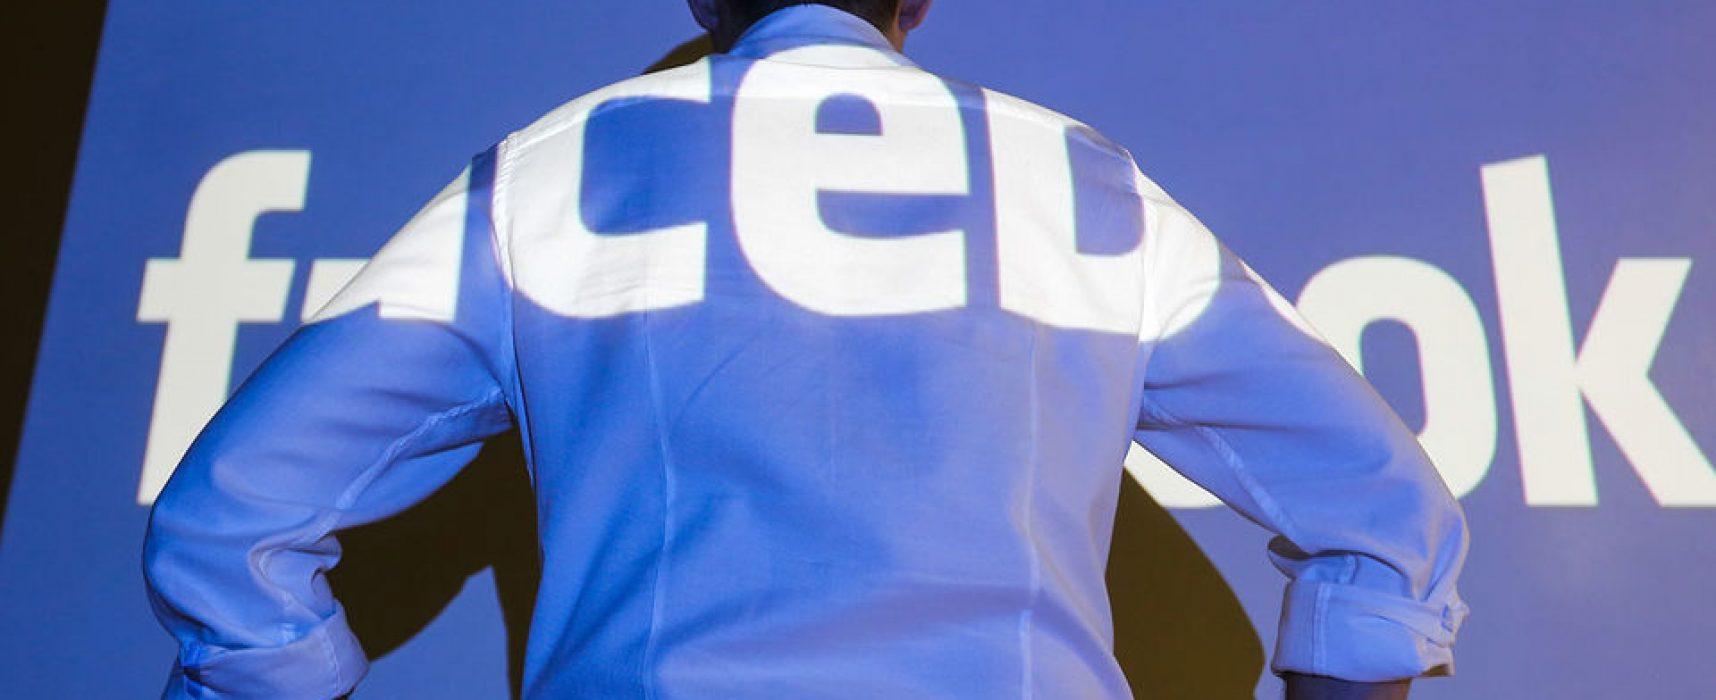 """Във """"фабриката за тролове"""" разказали, че администрацията на Facebook премахнала 80 процента от групите им"""